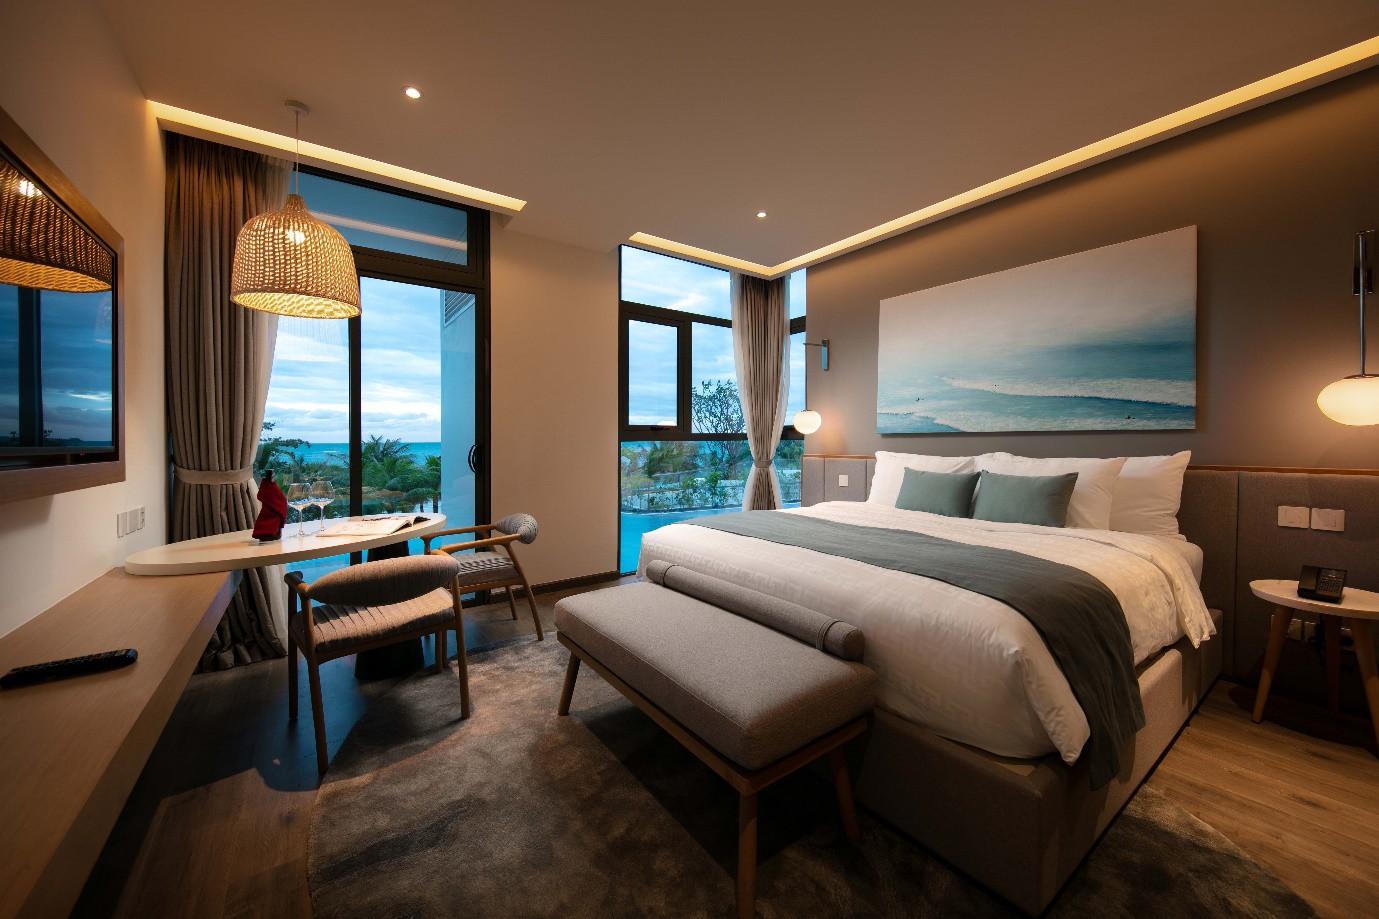 Premier Residences Phu Quoc Emerald Bay - điểm đến cho du khách thích khám phá - Ảnh 1.